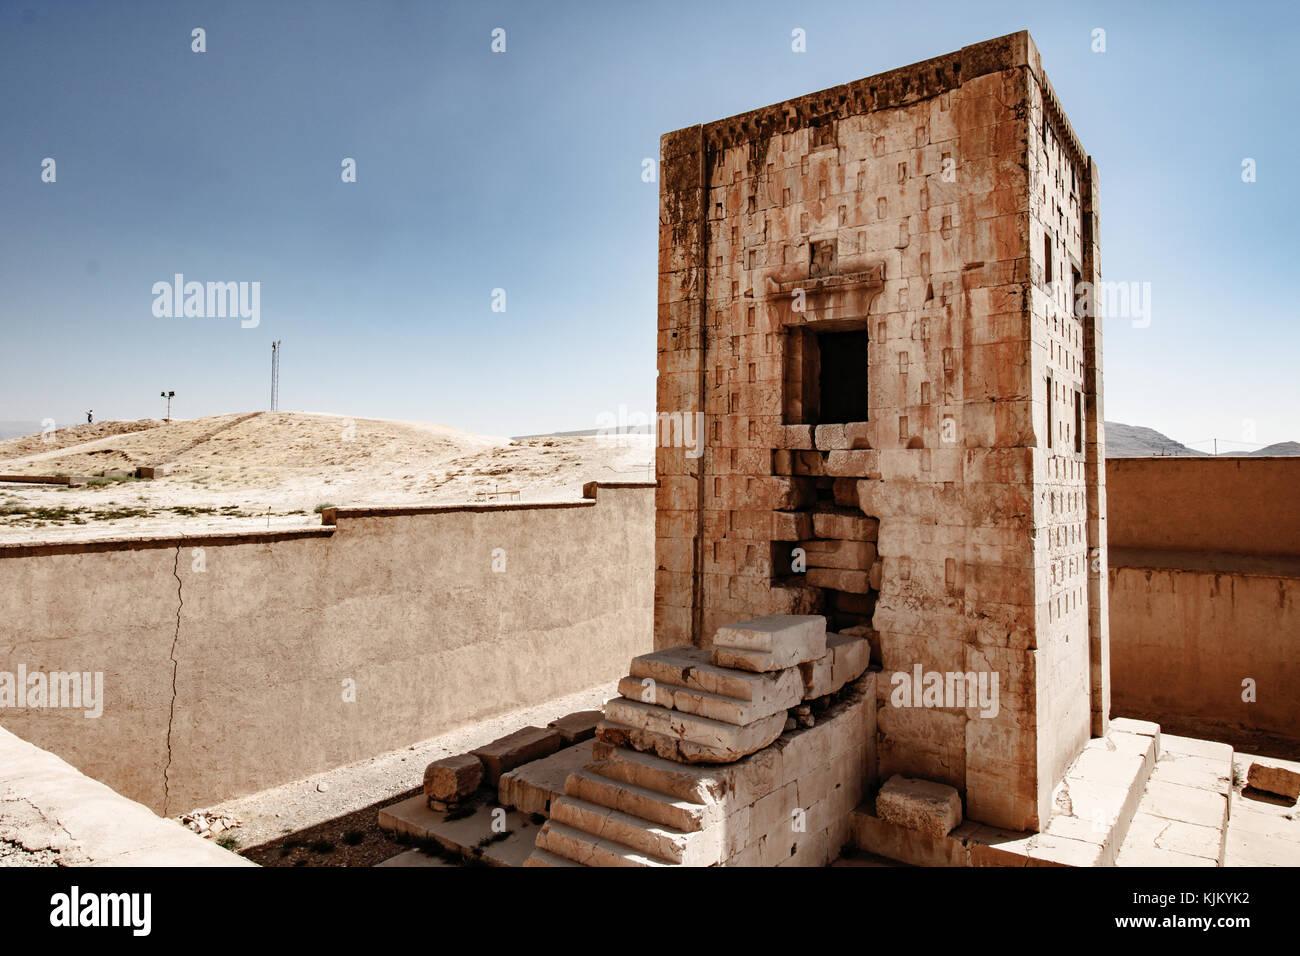 Tempio zoroastriano di fuoco in Naqsh-e rostam Immagini Stock